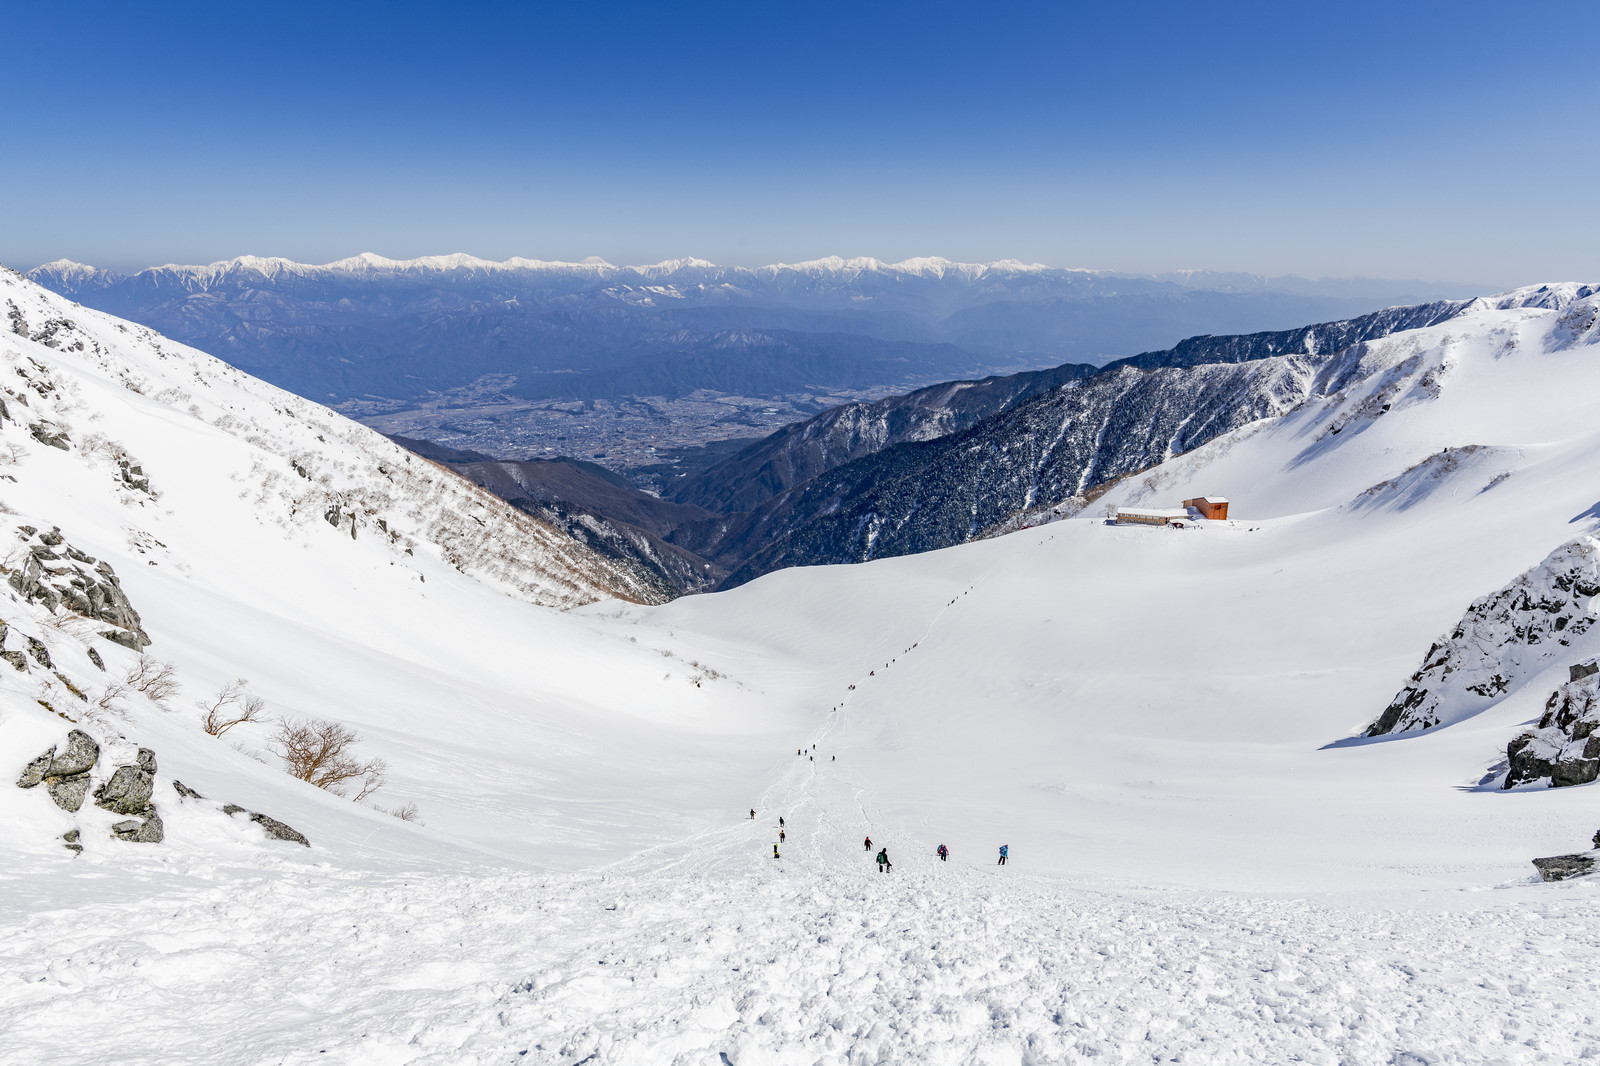 「冬の千畳敷カールから見た景色」の写真